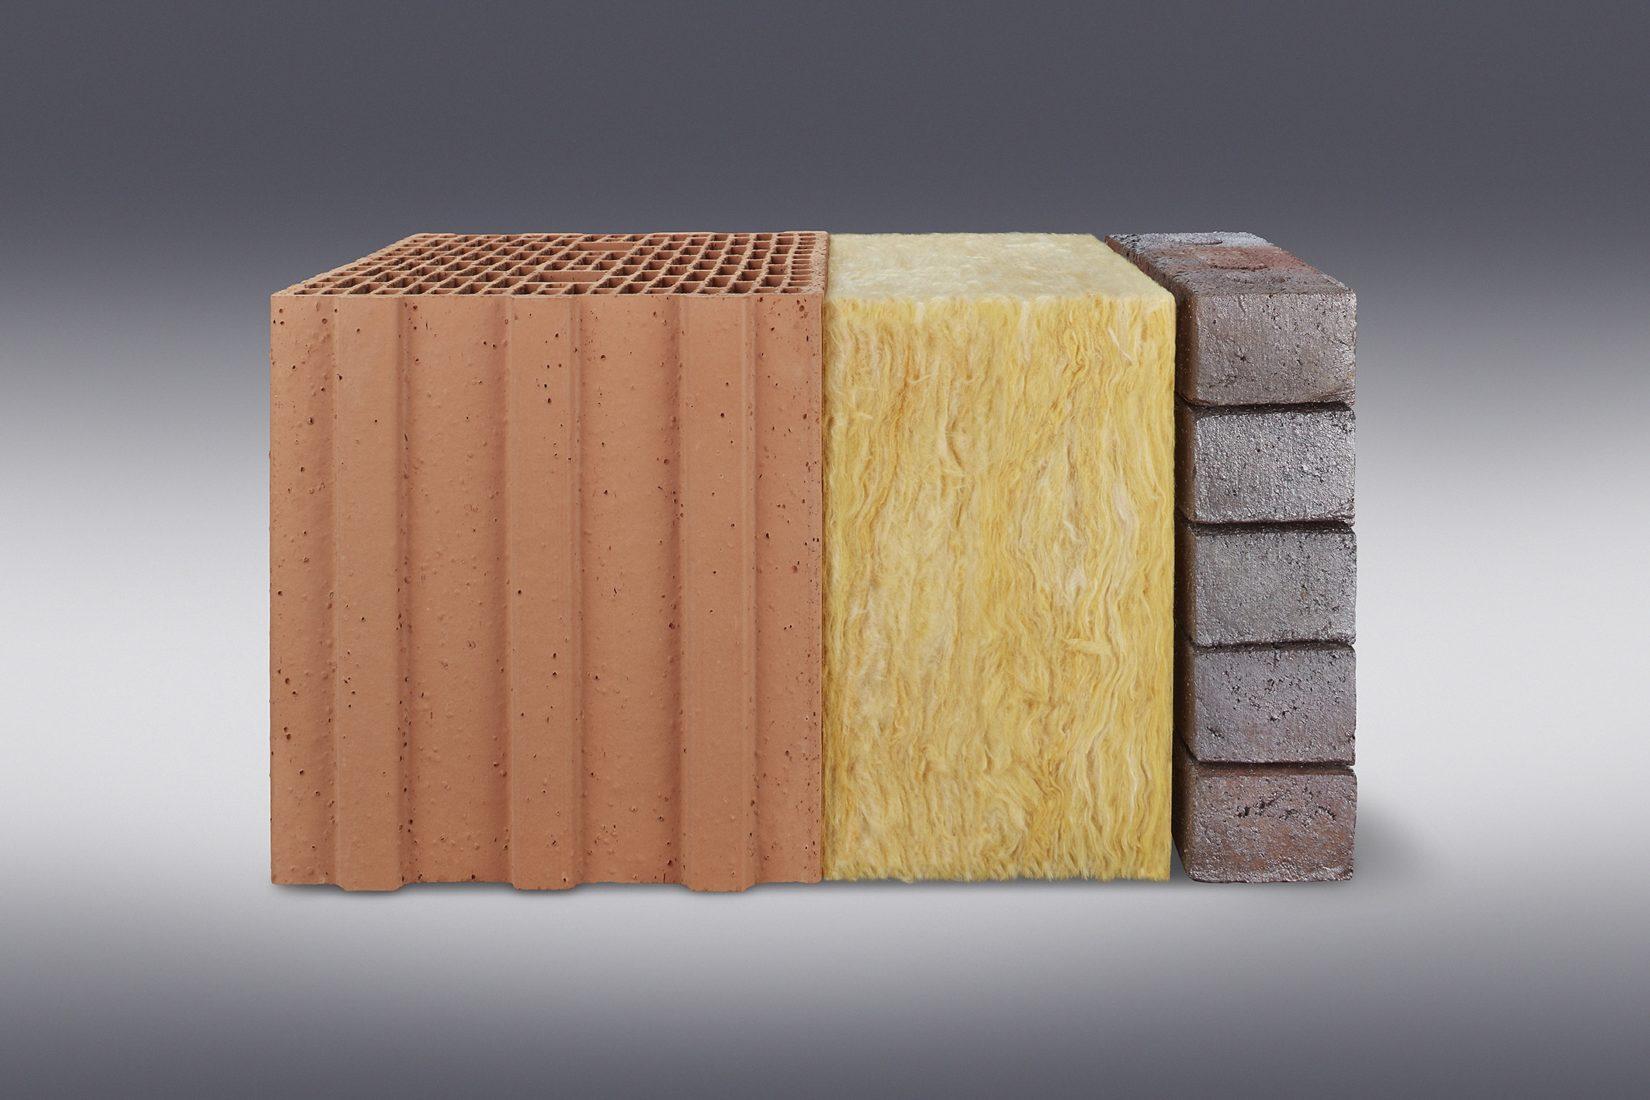 Zweischaliges Mauerwerk mit Hintermauer aus porosierten Ziegeln, Kerndämmung und Klinkerfassade. Foto: Wienerberger / Jens Krüger